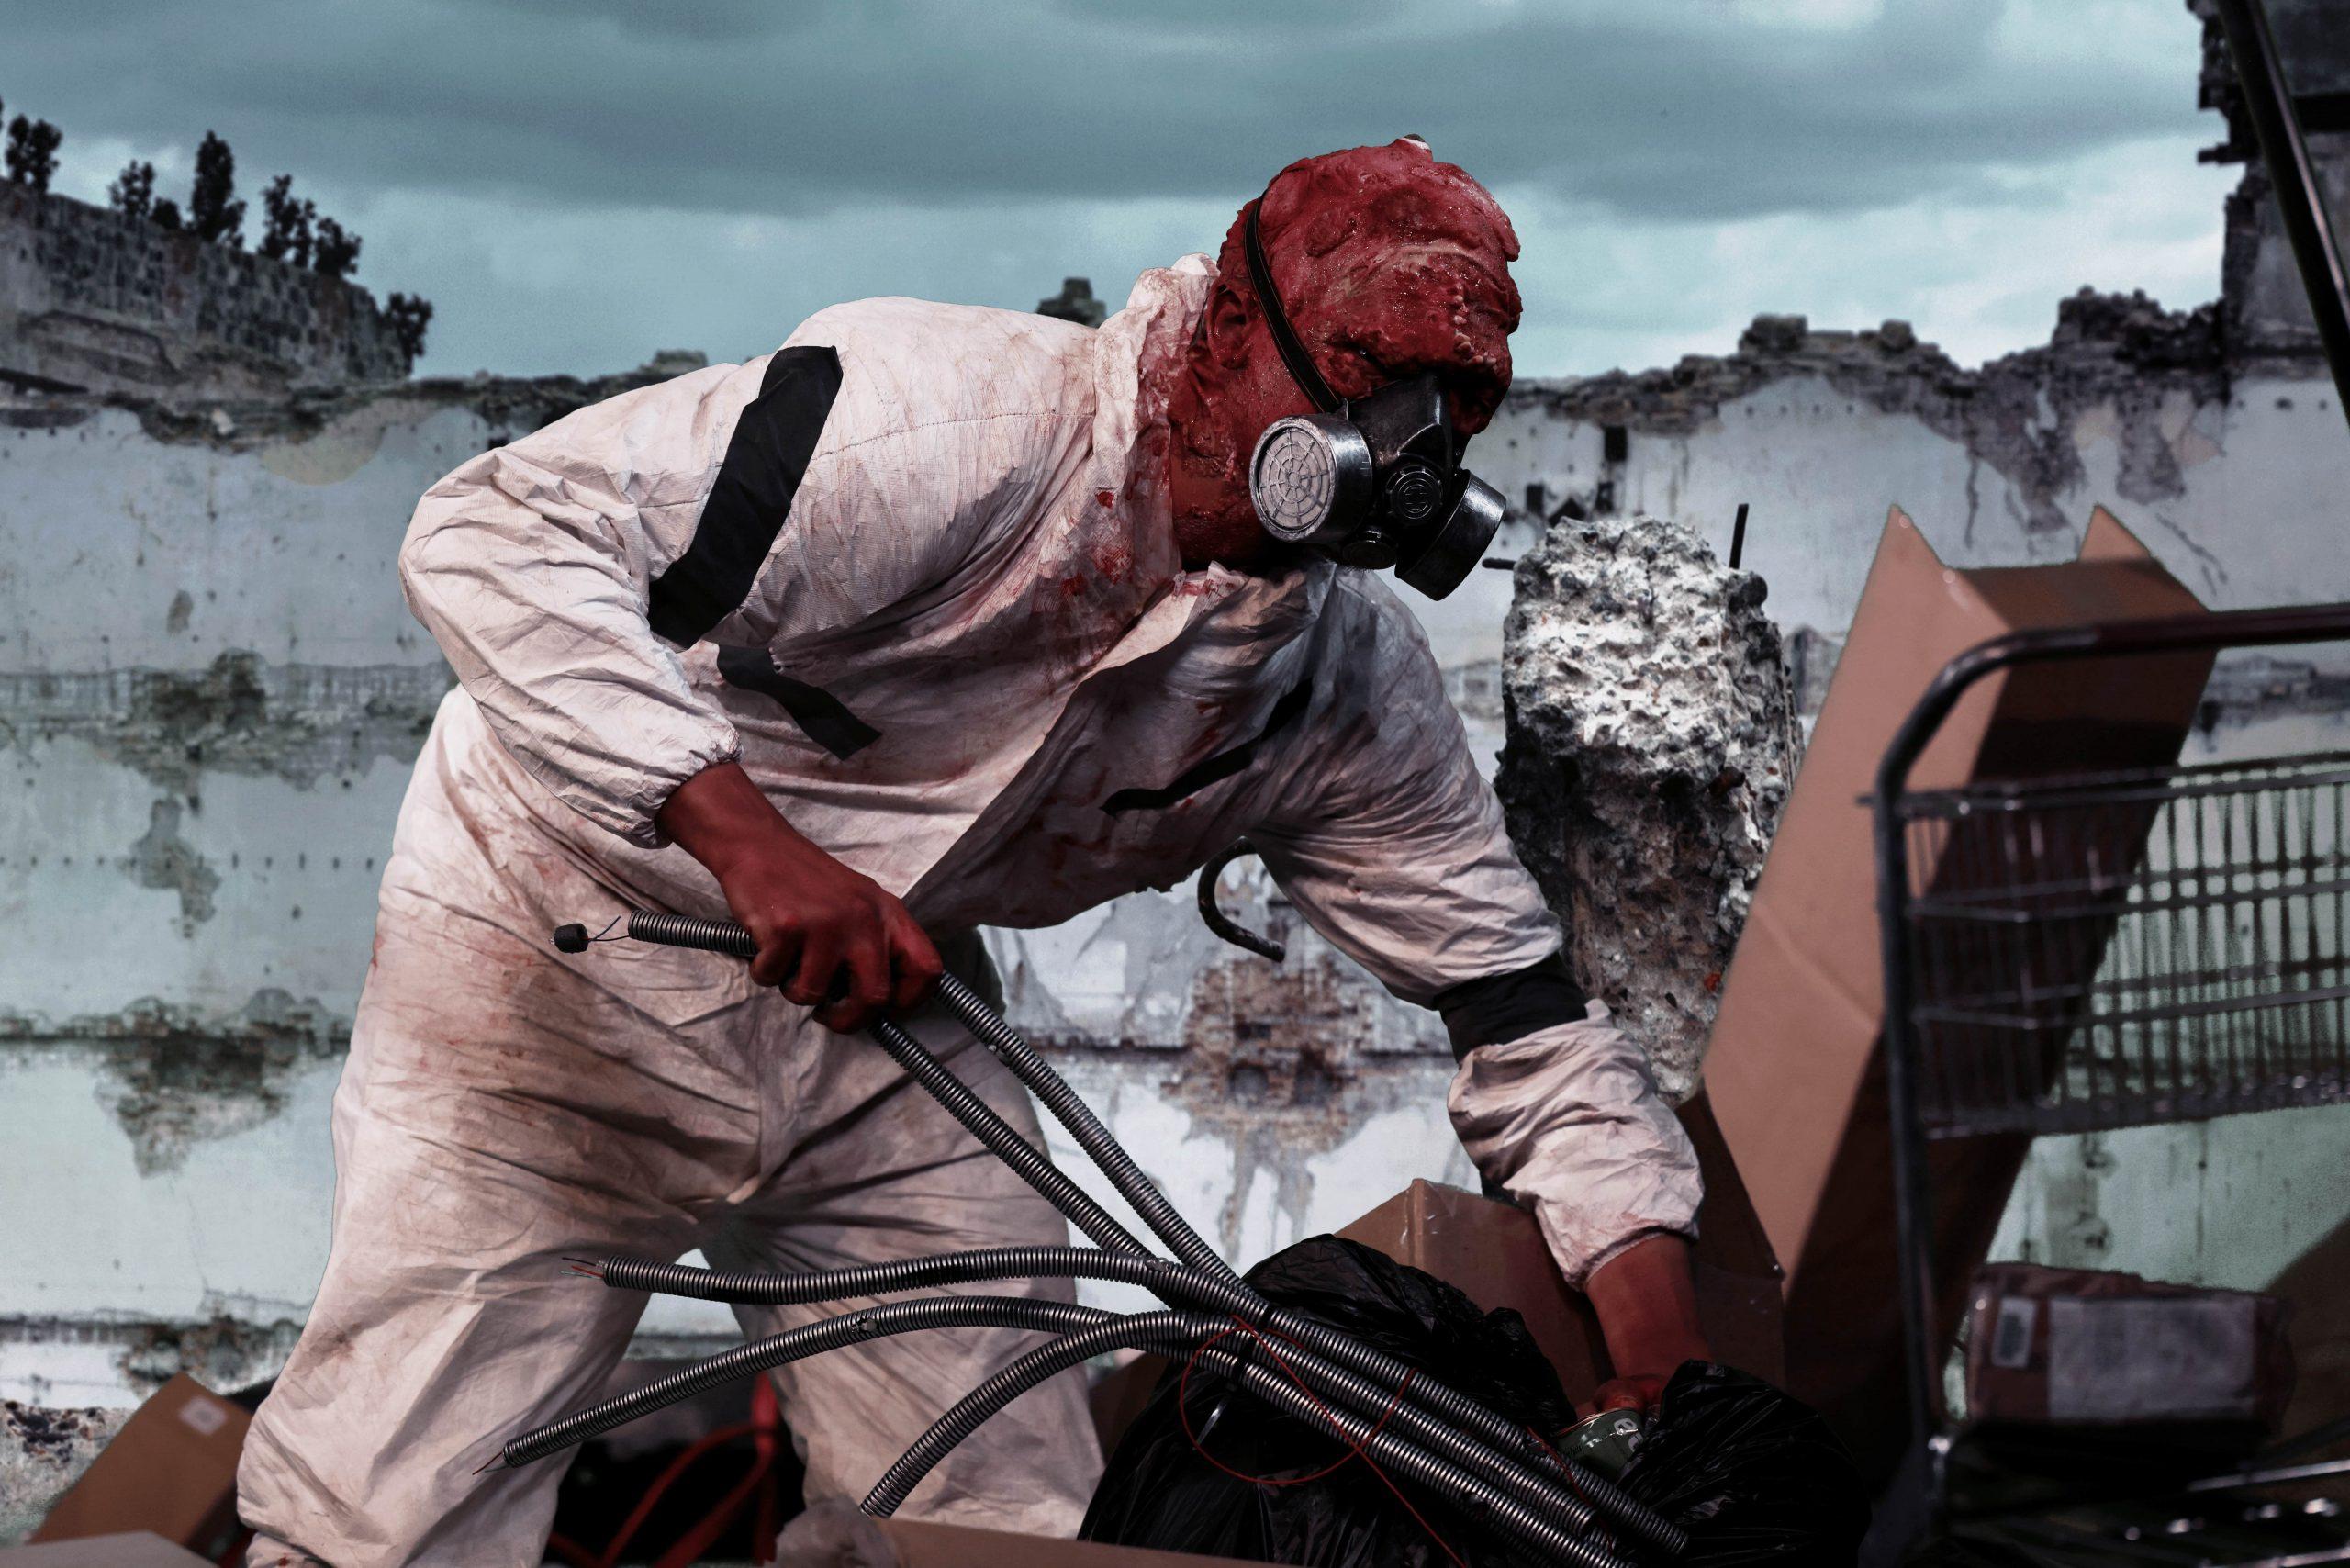 Radioactive Character in Apocalypse Waste